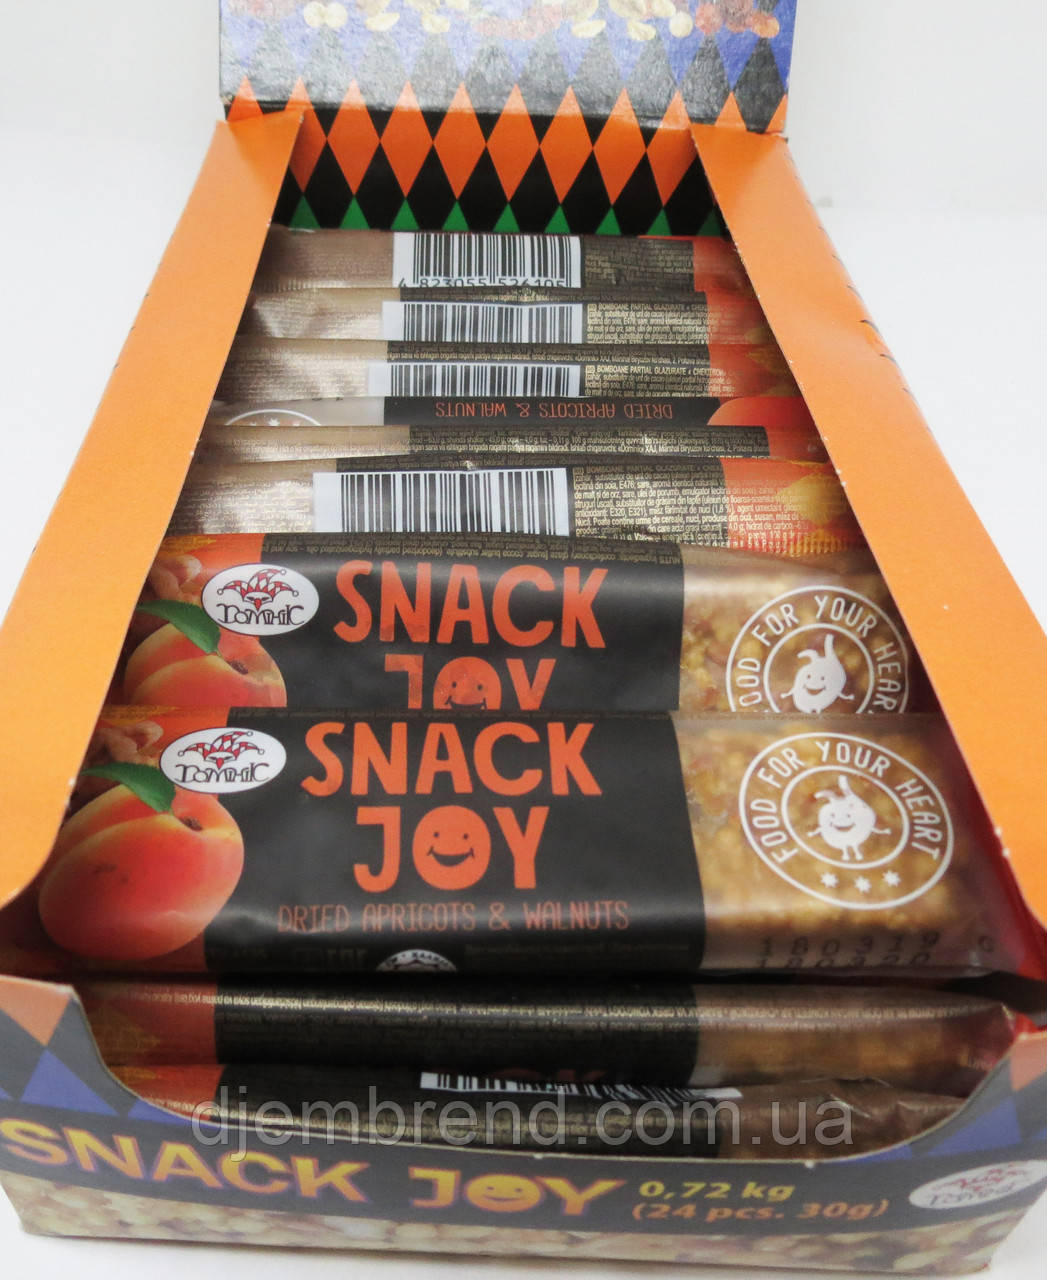 Мультизлаковый батончик Snack Joy с курагой и грецким орехом Доминик , 30 гр